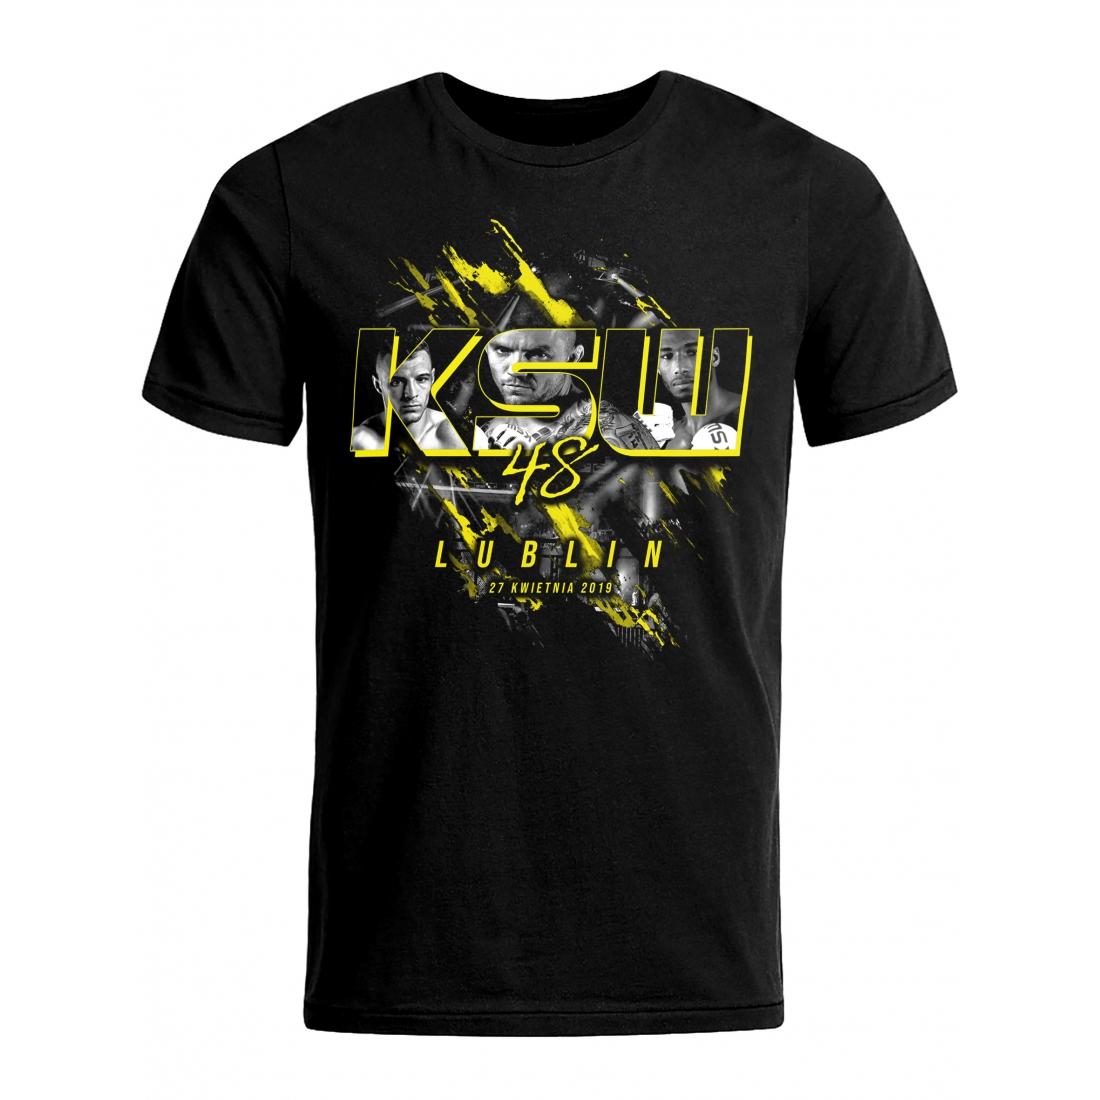 T shirt męski KSW 48 czarny okolicznościowy z nadrukiem